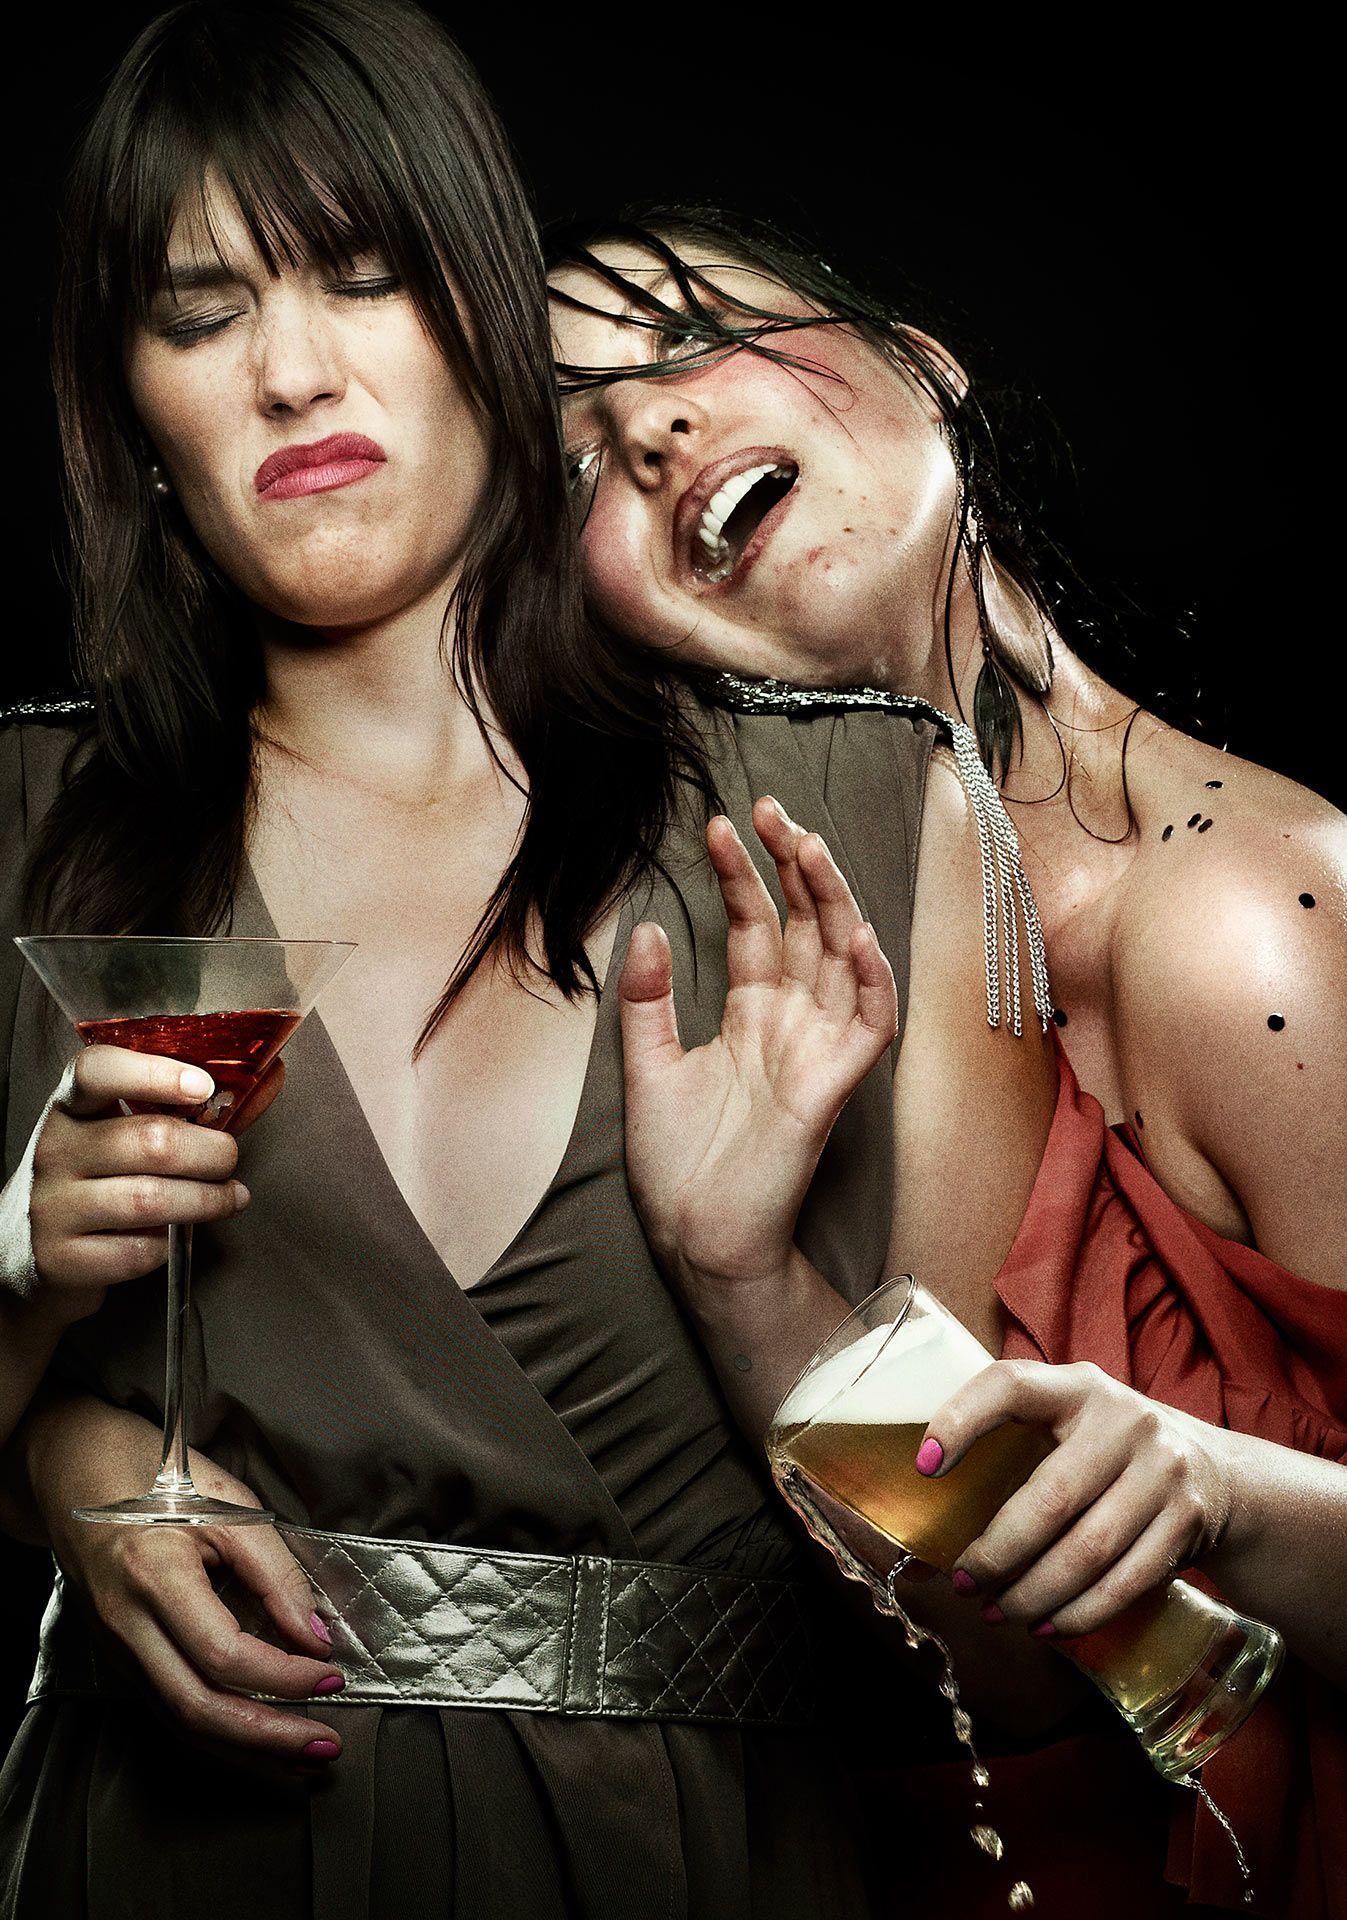 drunk girls for Educalcool campaign by Jocelyn Michel